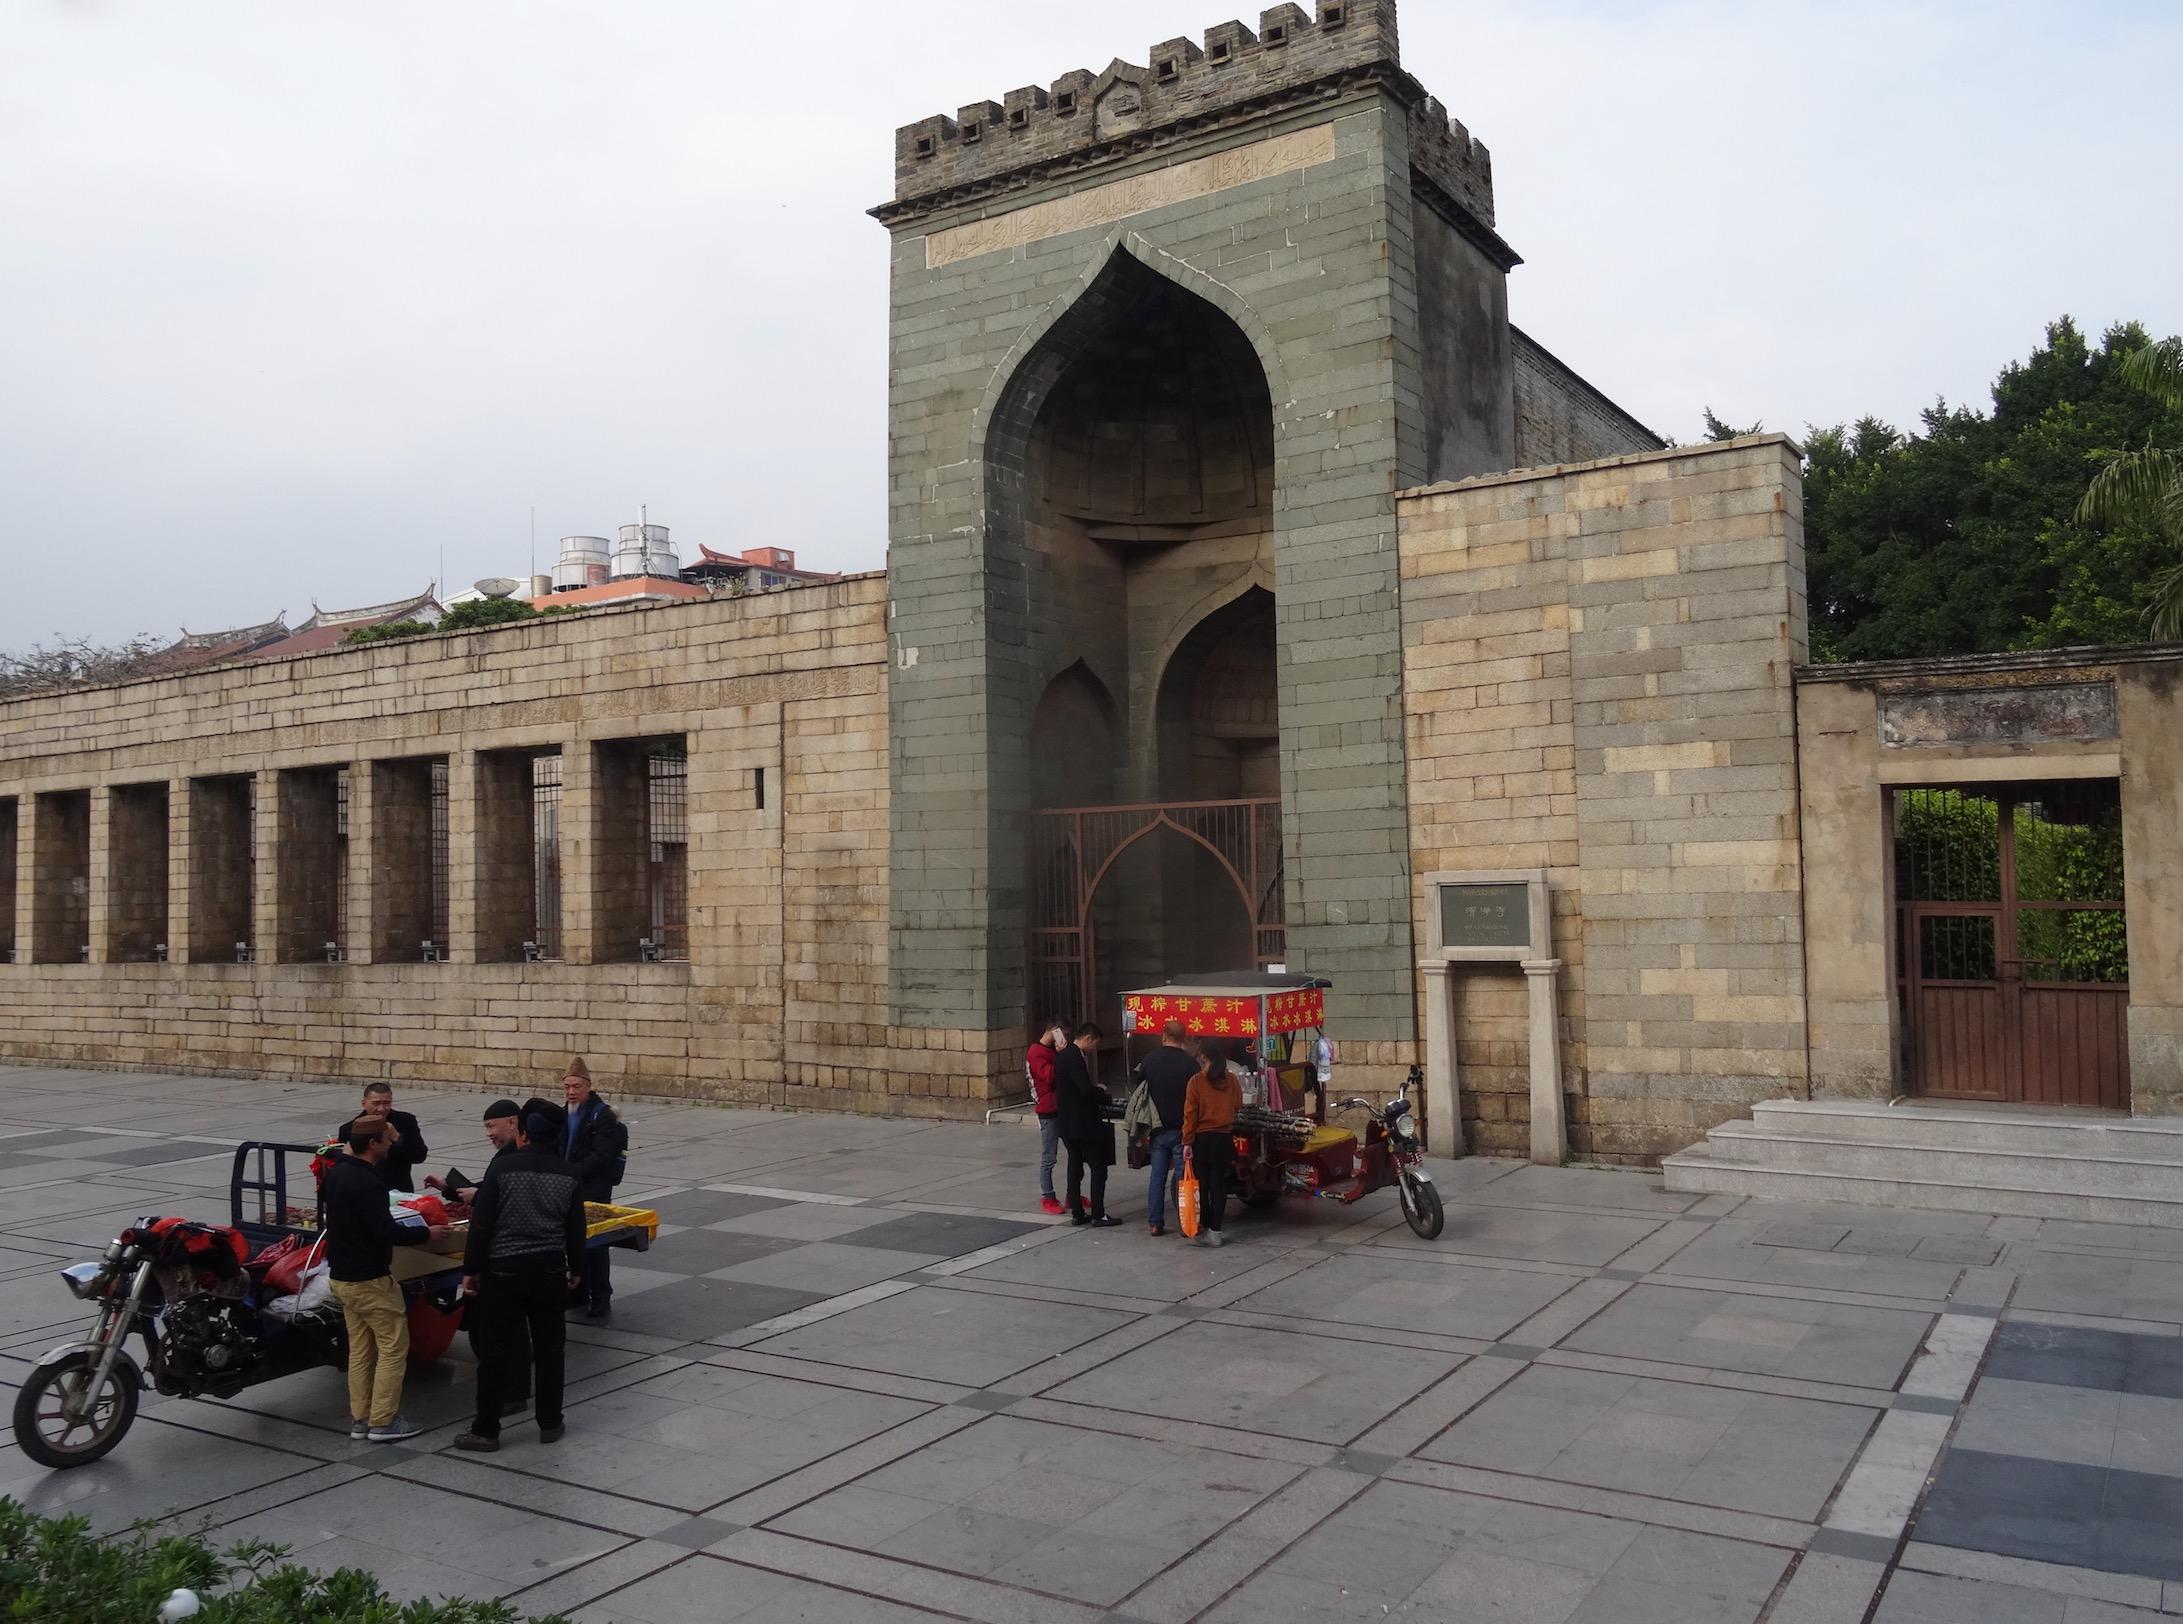 Entrance Qingjing Mosque Quanzhou Fujian province